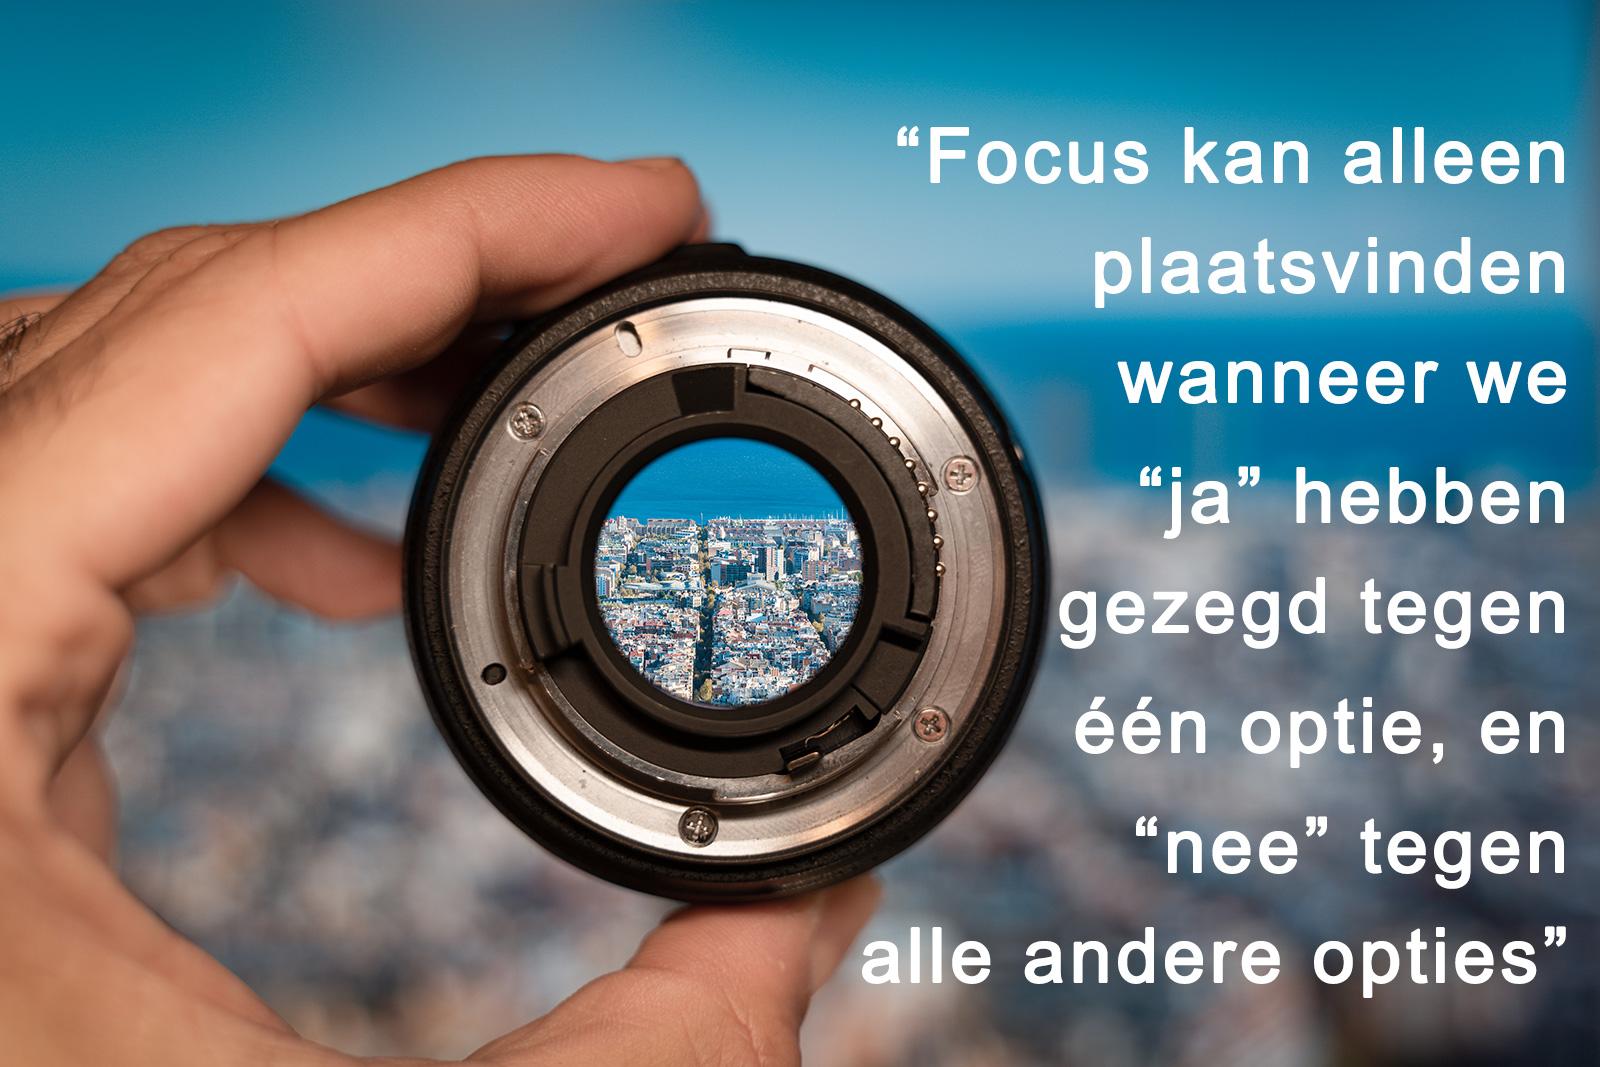 Focus kan alleen plaatsvinden wanneer we ja zeggen tegen één optie en nee tegen alle andere opties